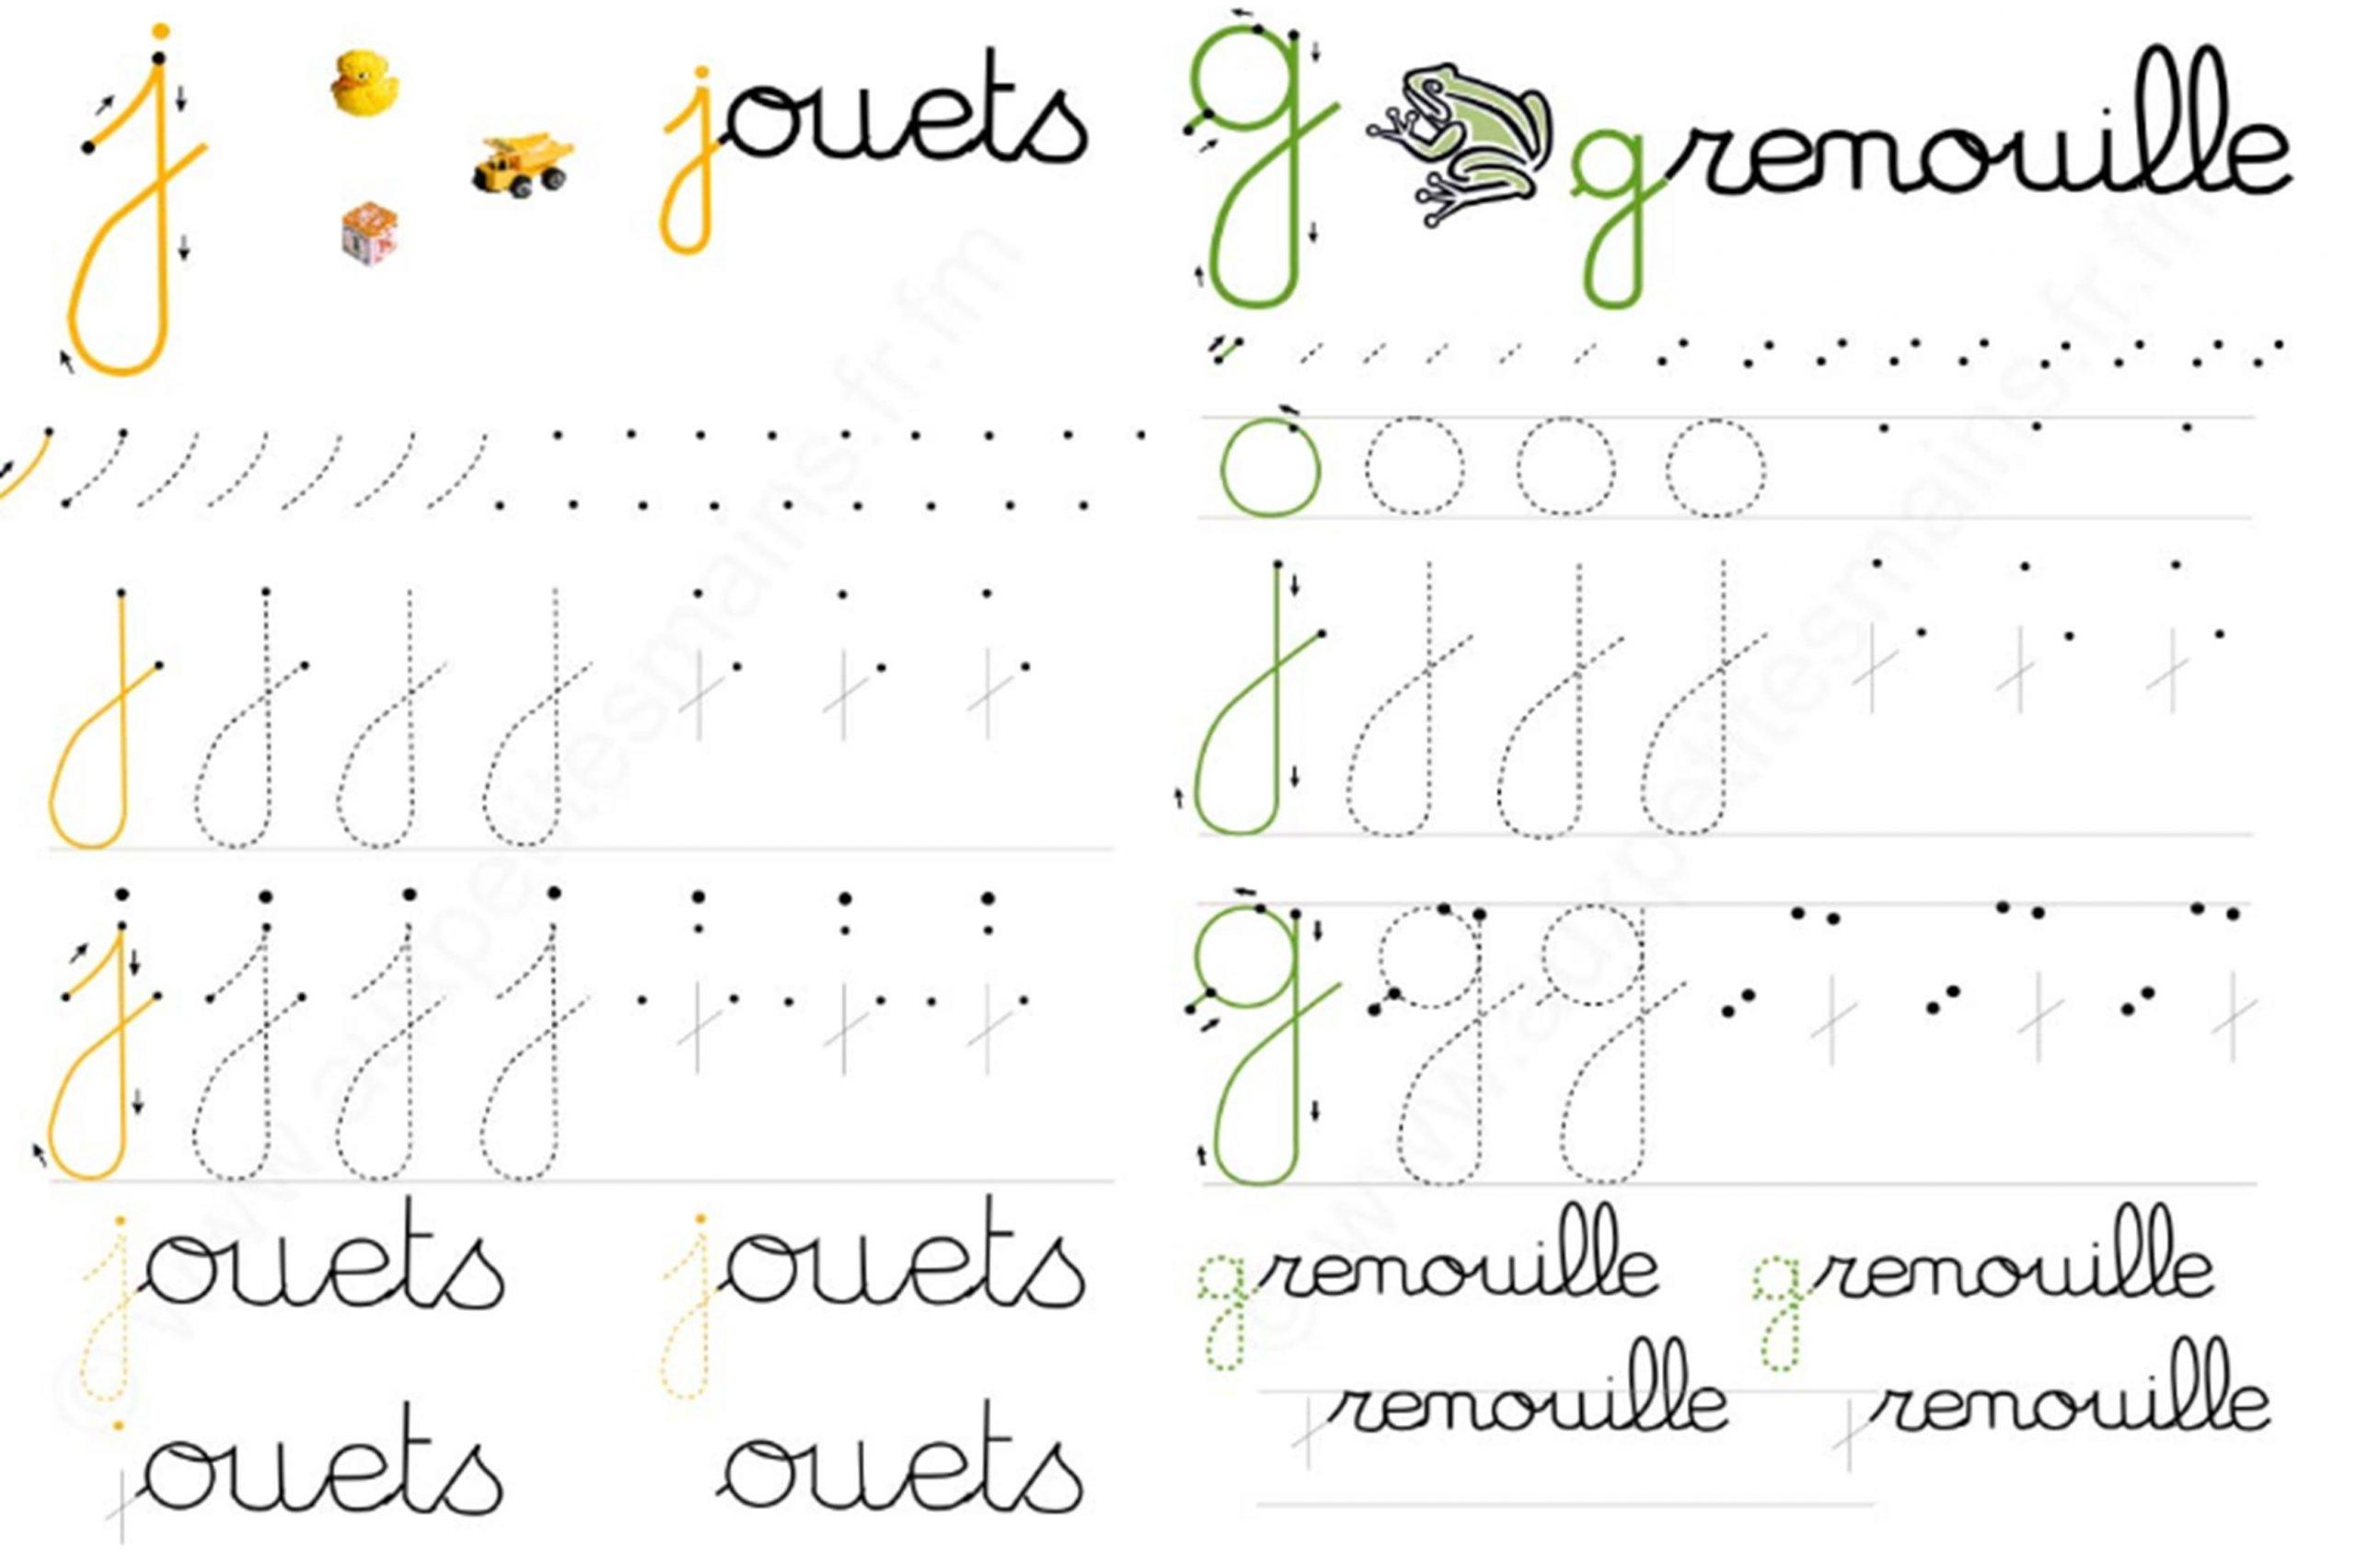 Fichier D'écriture Grande Section | Le Blog De Monsieur Mathieu encequiconcerne Grand Section Exercice